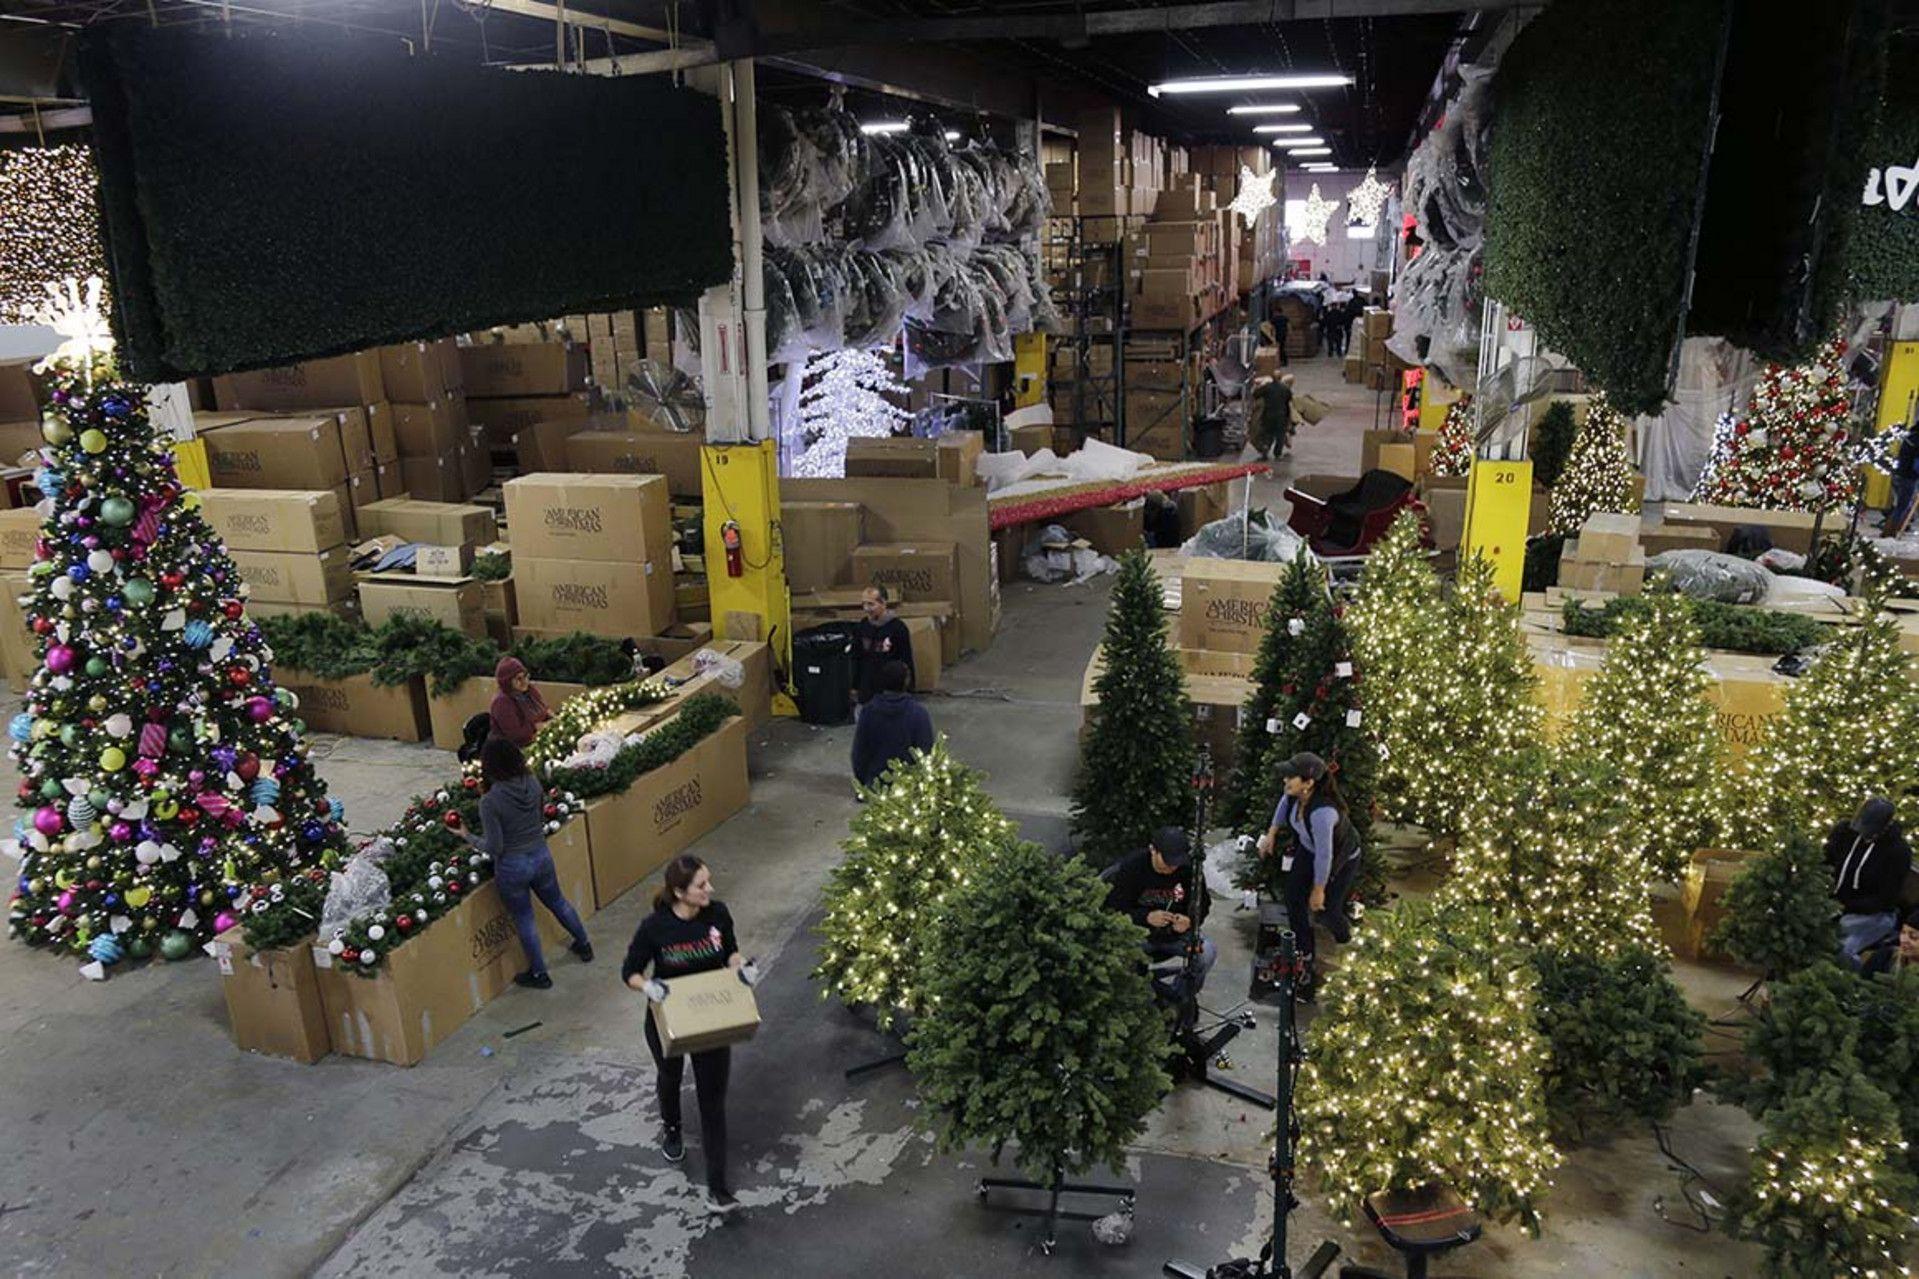 ازمة سلاسل التوريد تهدد موسم تسوق الكريسماس